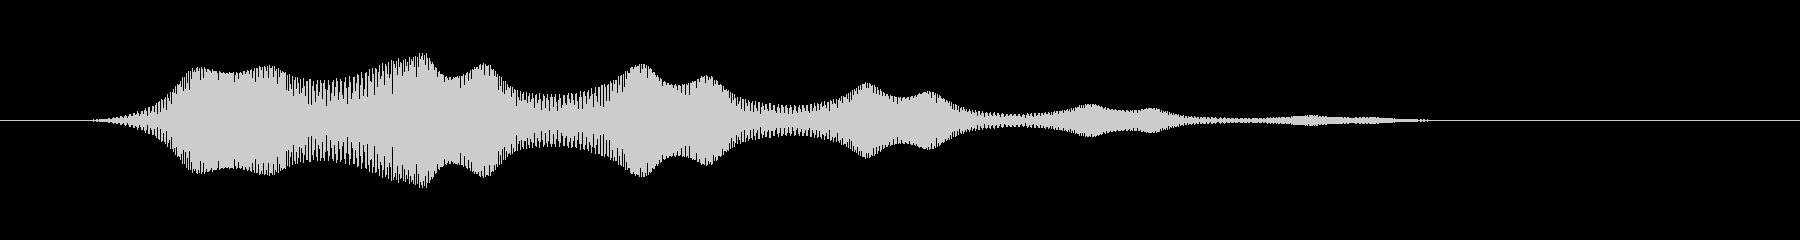 ぽわんわんわん…(想像、思い出す)の未再生の波形